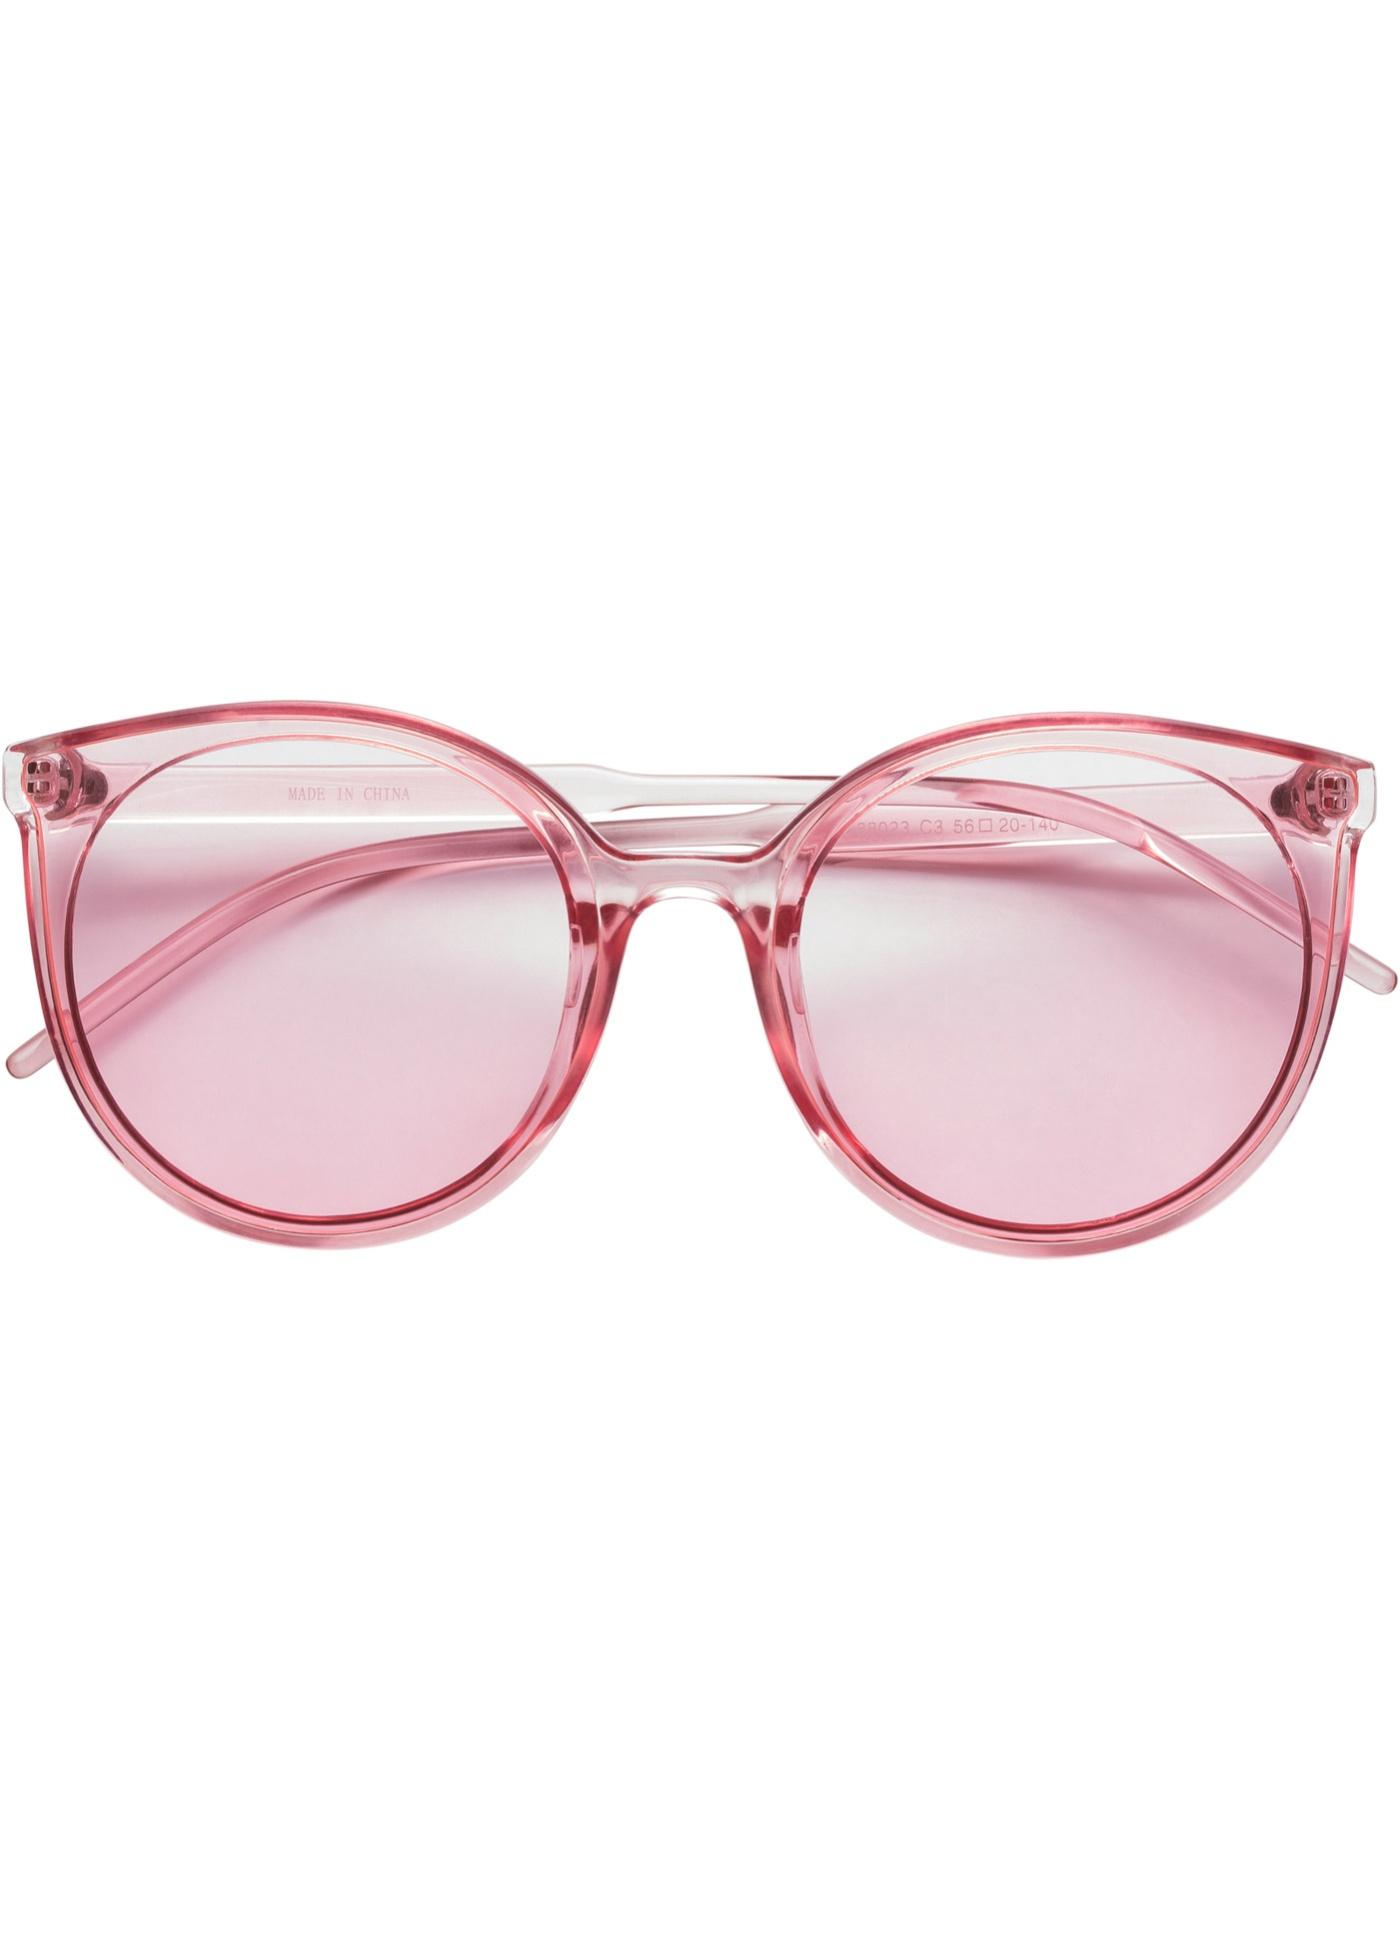 Occhiali da sole  rosa  -